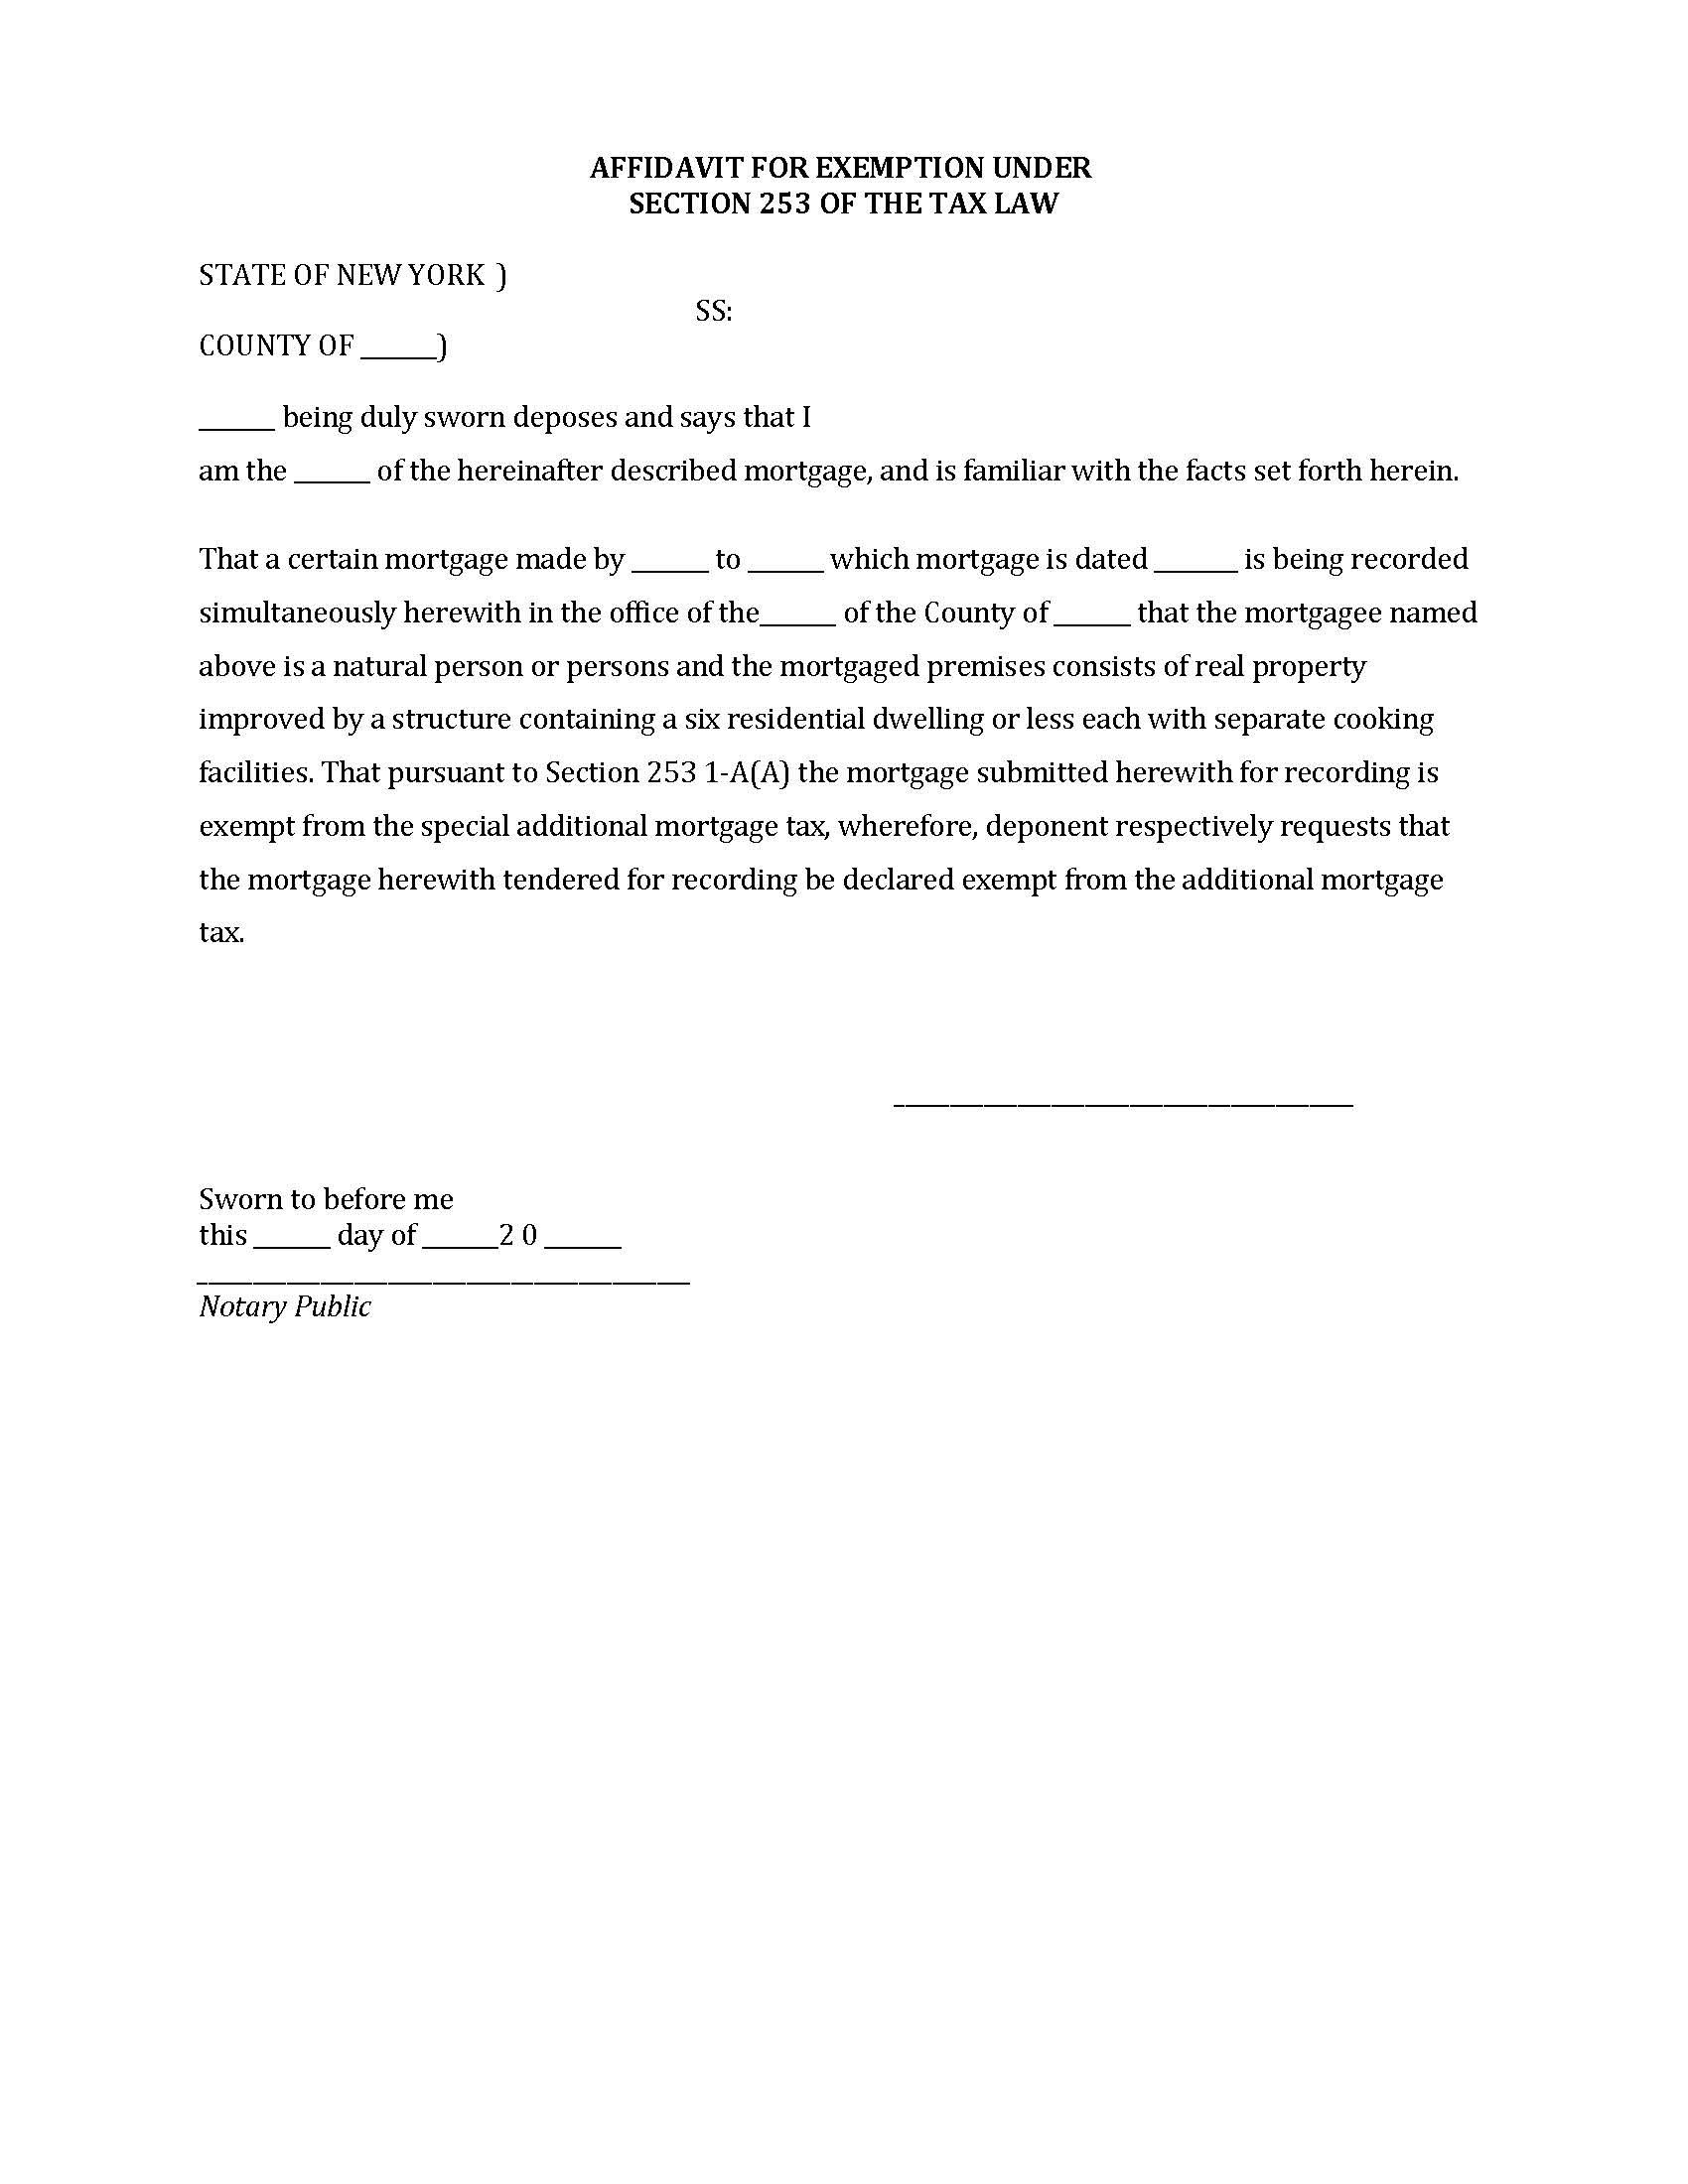 Free Heirship Affidavit Forms